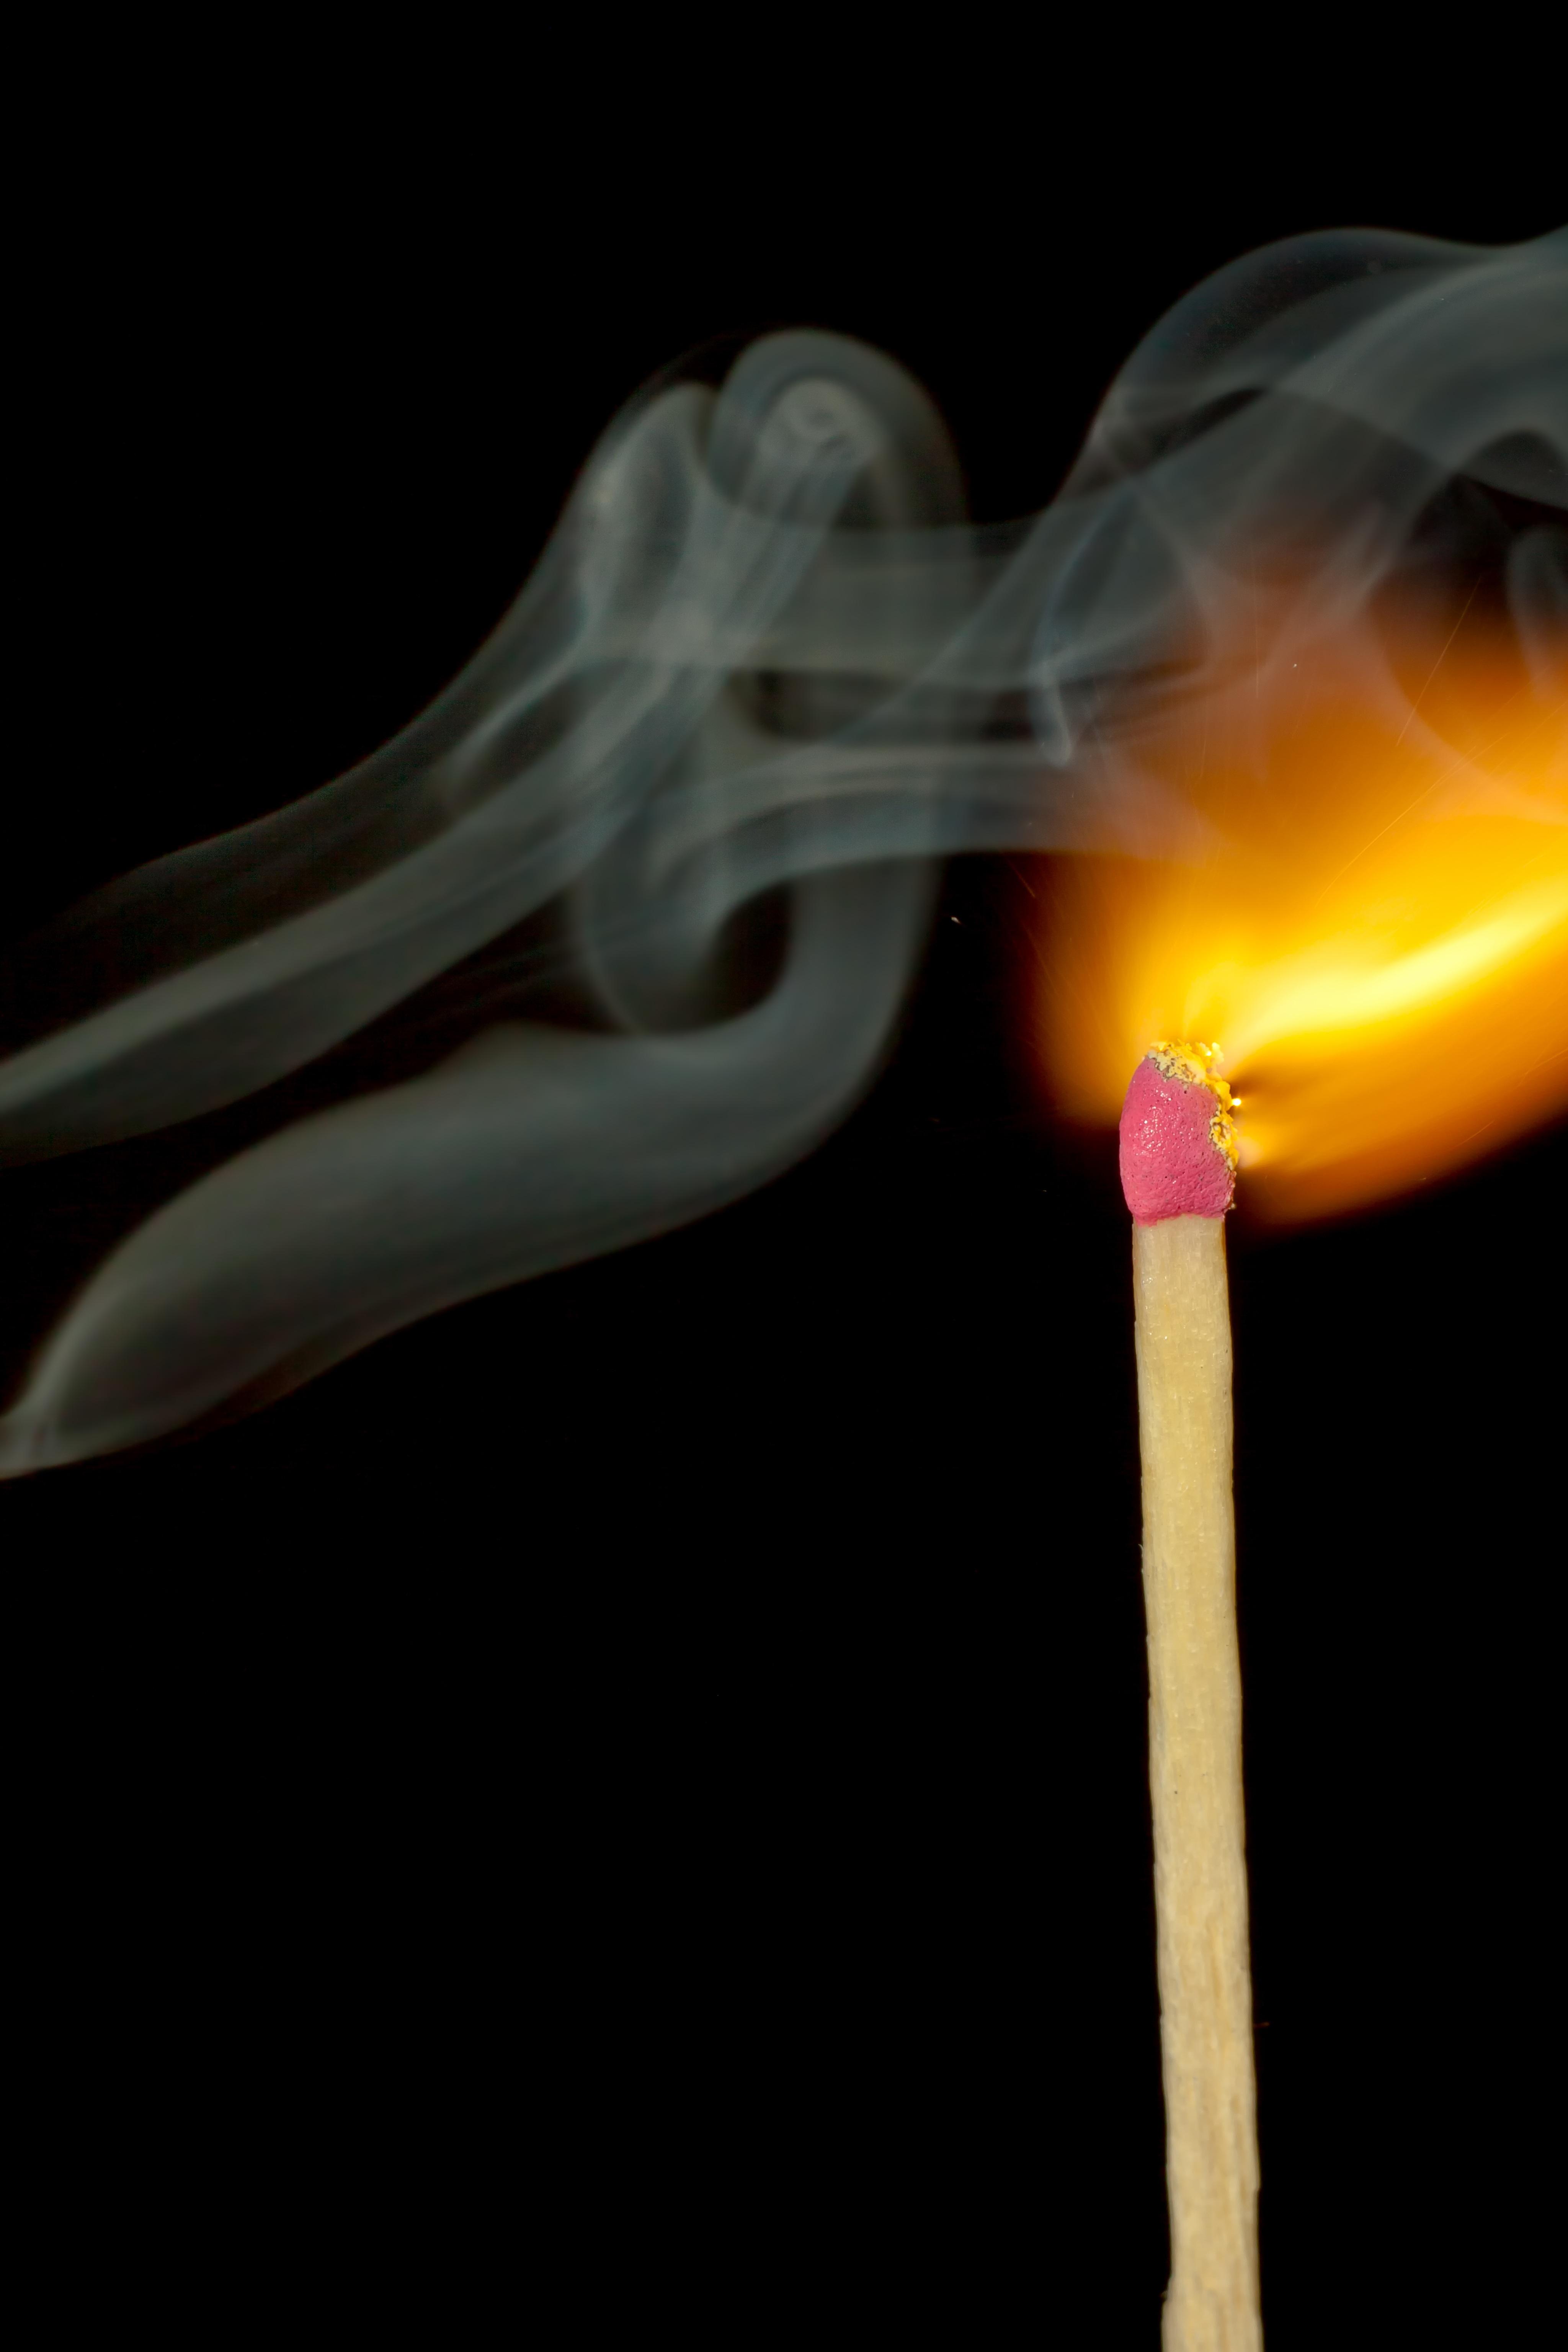 Kostenlose foto : Hand, Licht, Rauch, entzünden, Makro, Flamme ...